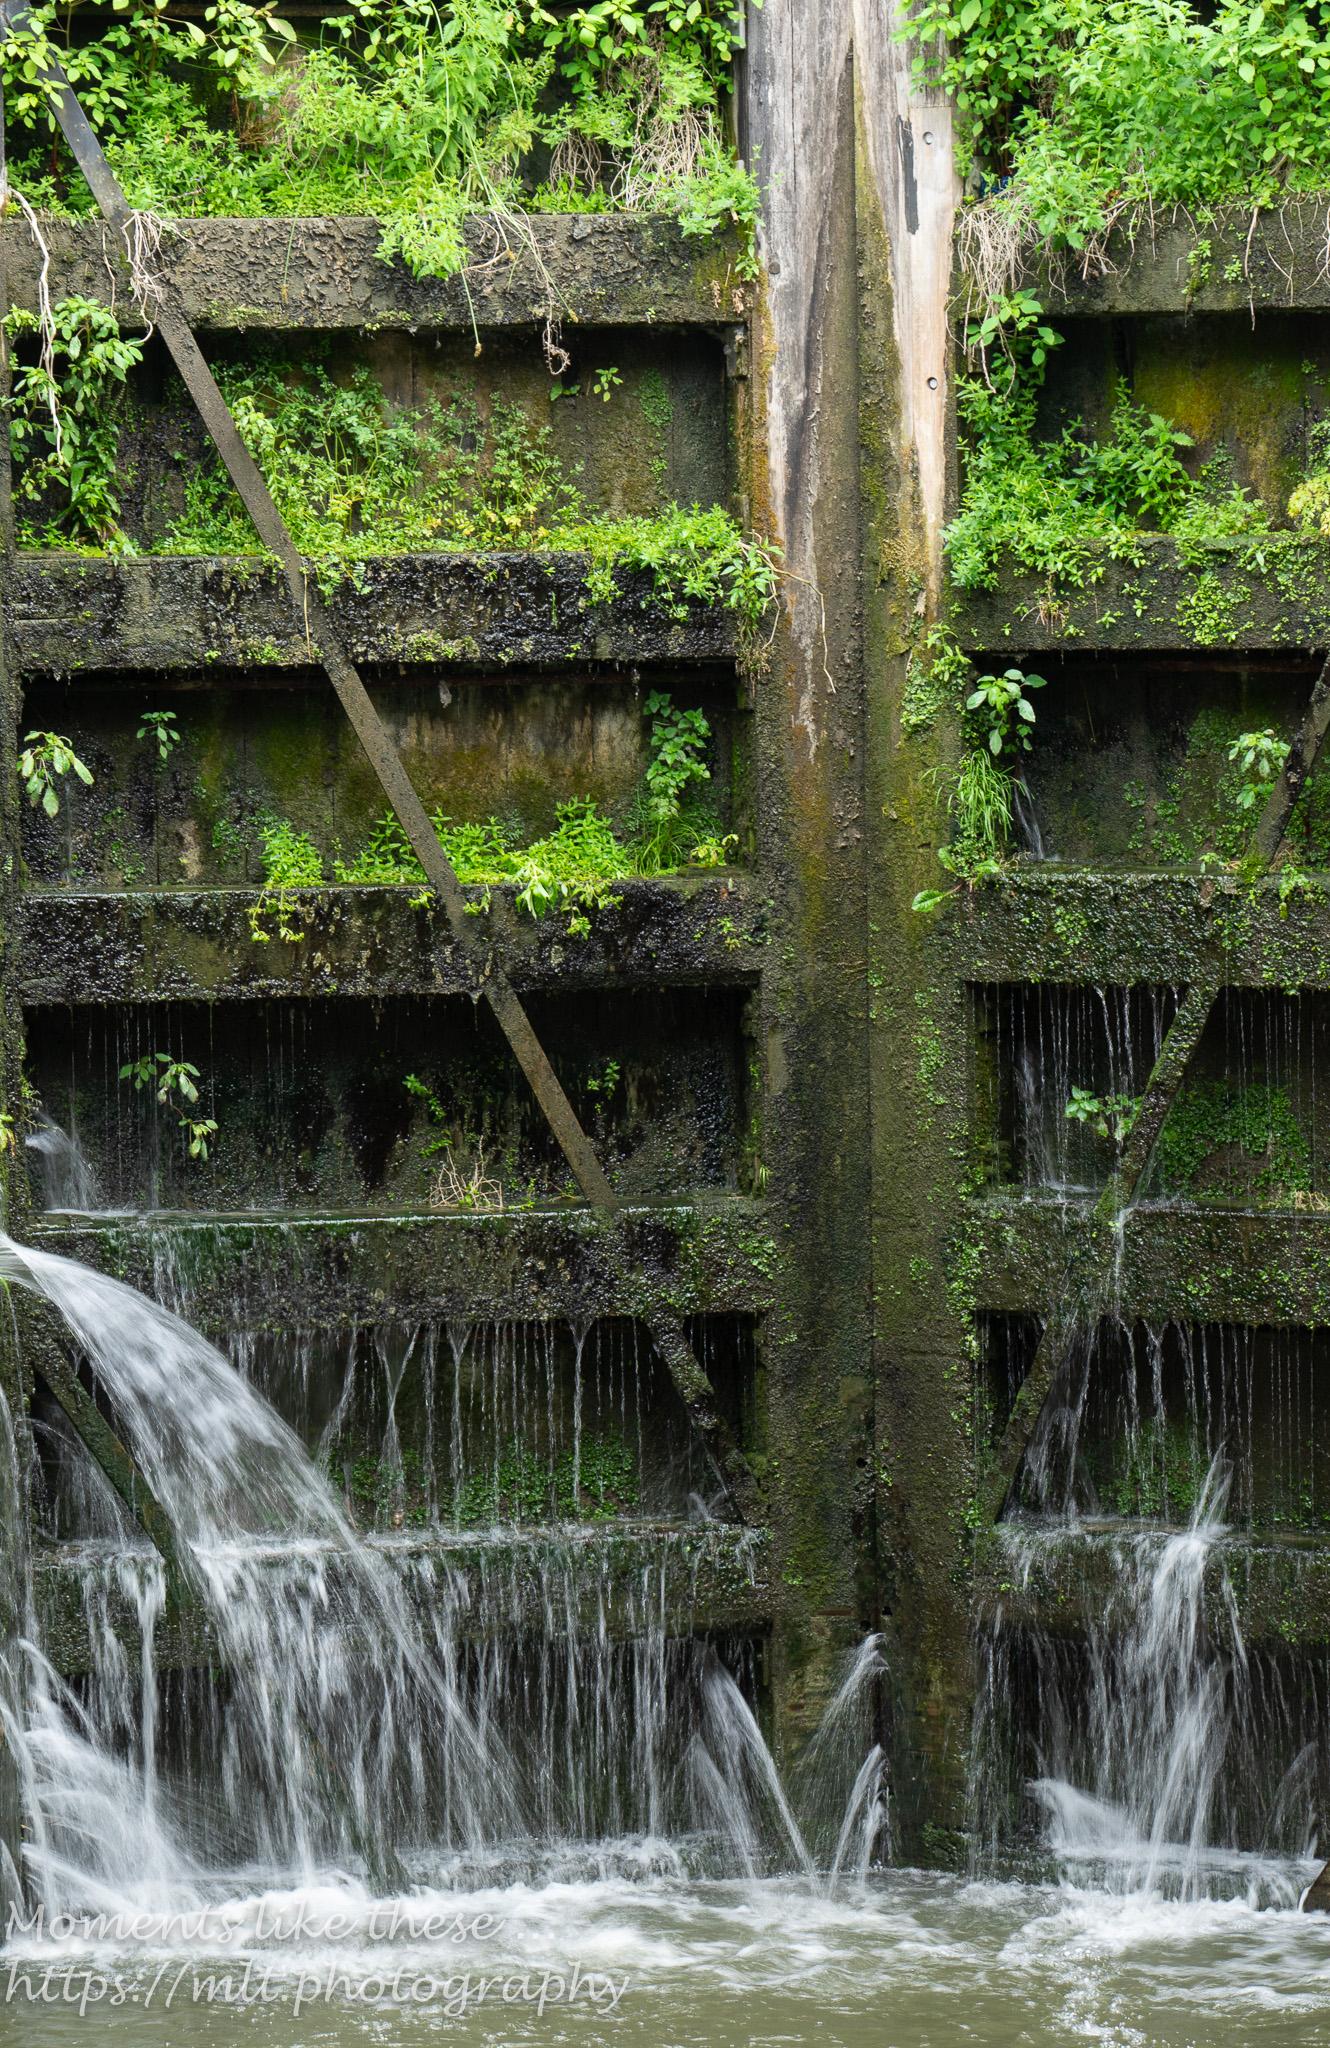 Spillage - Bath